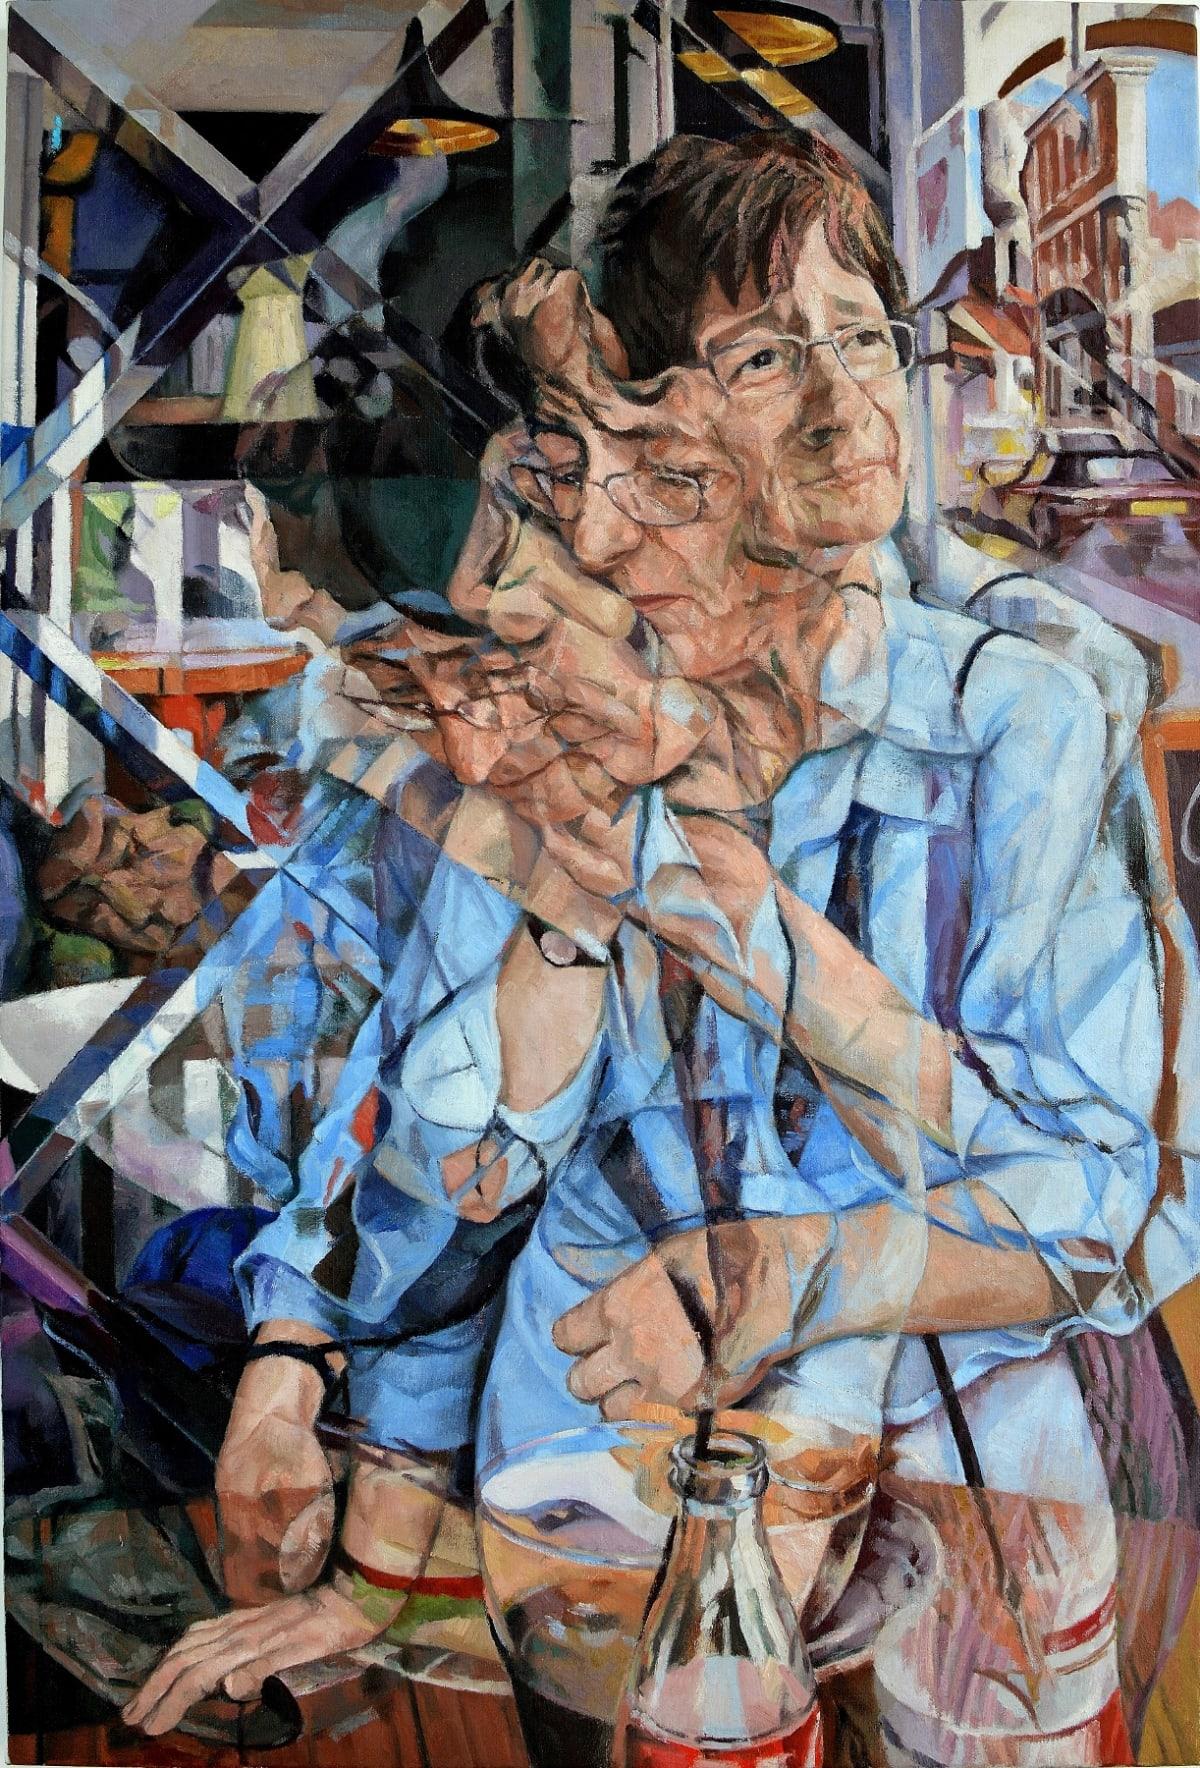 Clive Head, L'Apres Midi d'une Femme, 2017